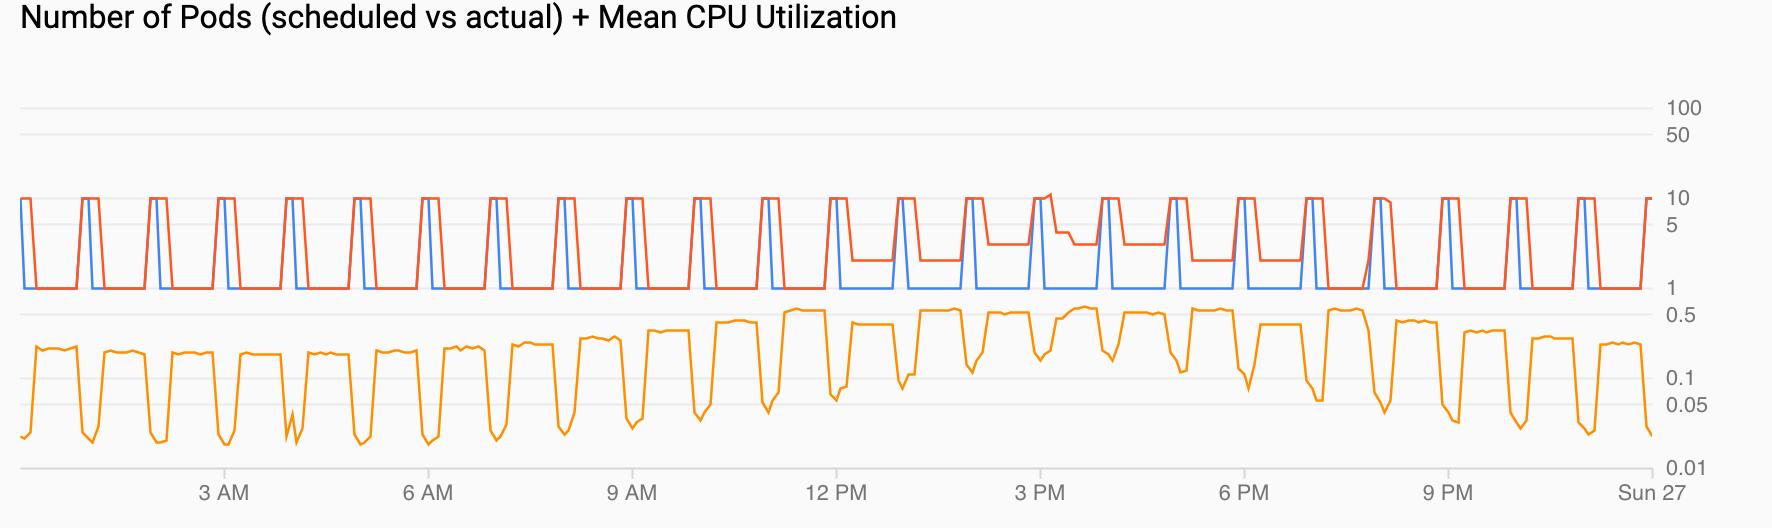 두 개의 그래프 하나는 매시간마다 수요가 급증하는 pod 수요를 보여줍니다. 다른 하나는 CPU 사용률이 오르락 내리락 하지만 구성된 높은 값에서서 최고가 된다는 것을 보여줍니다.